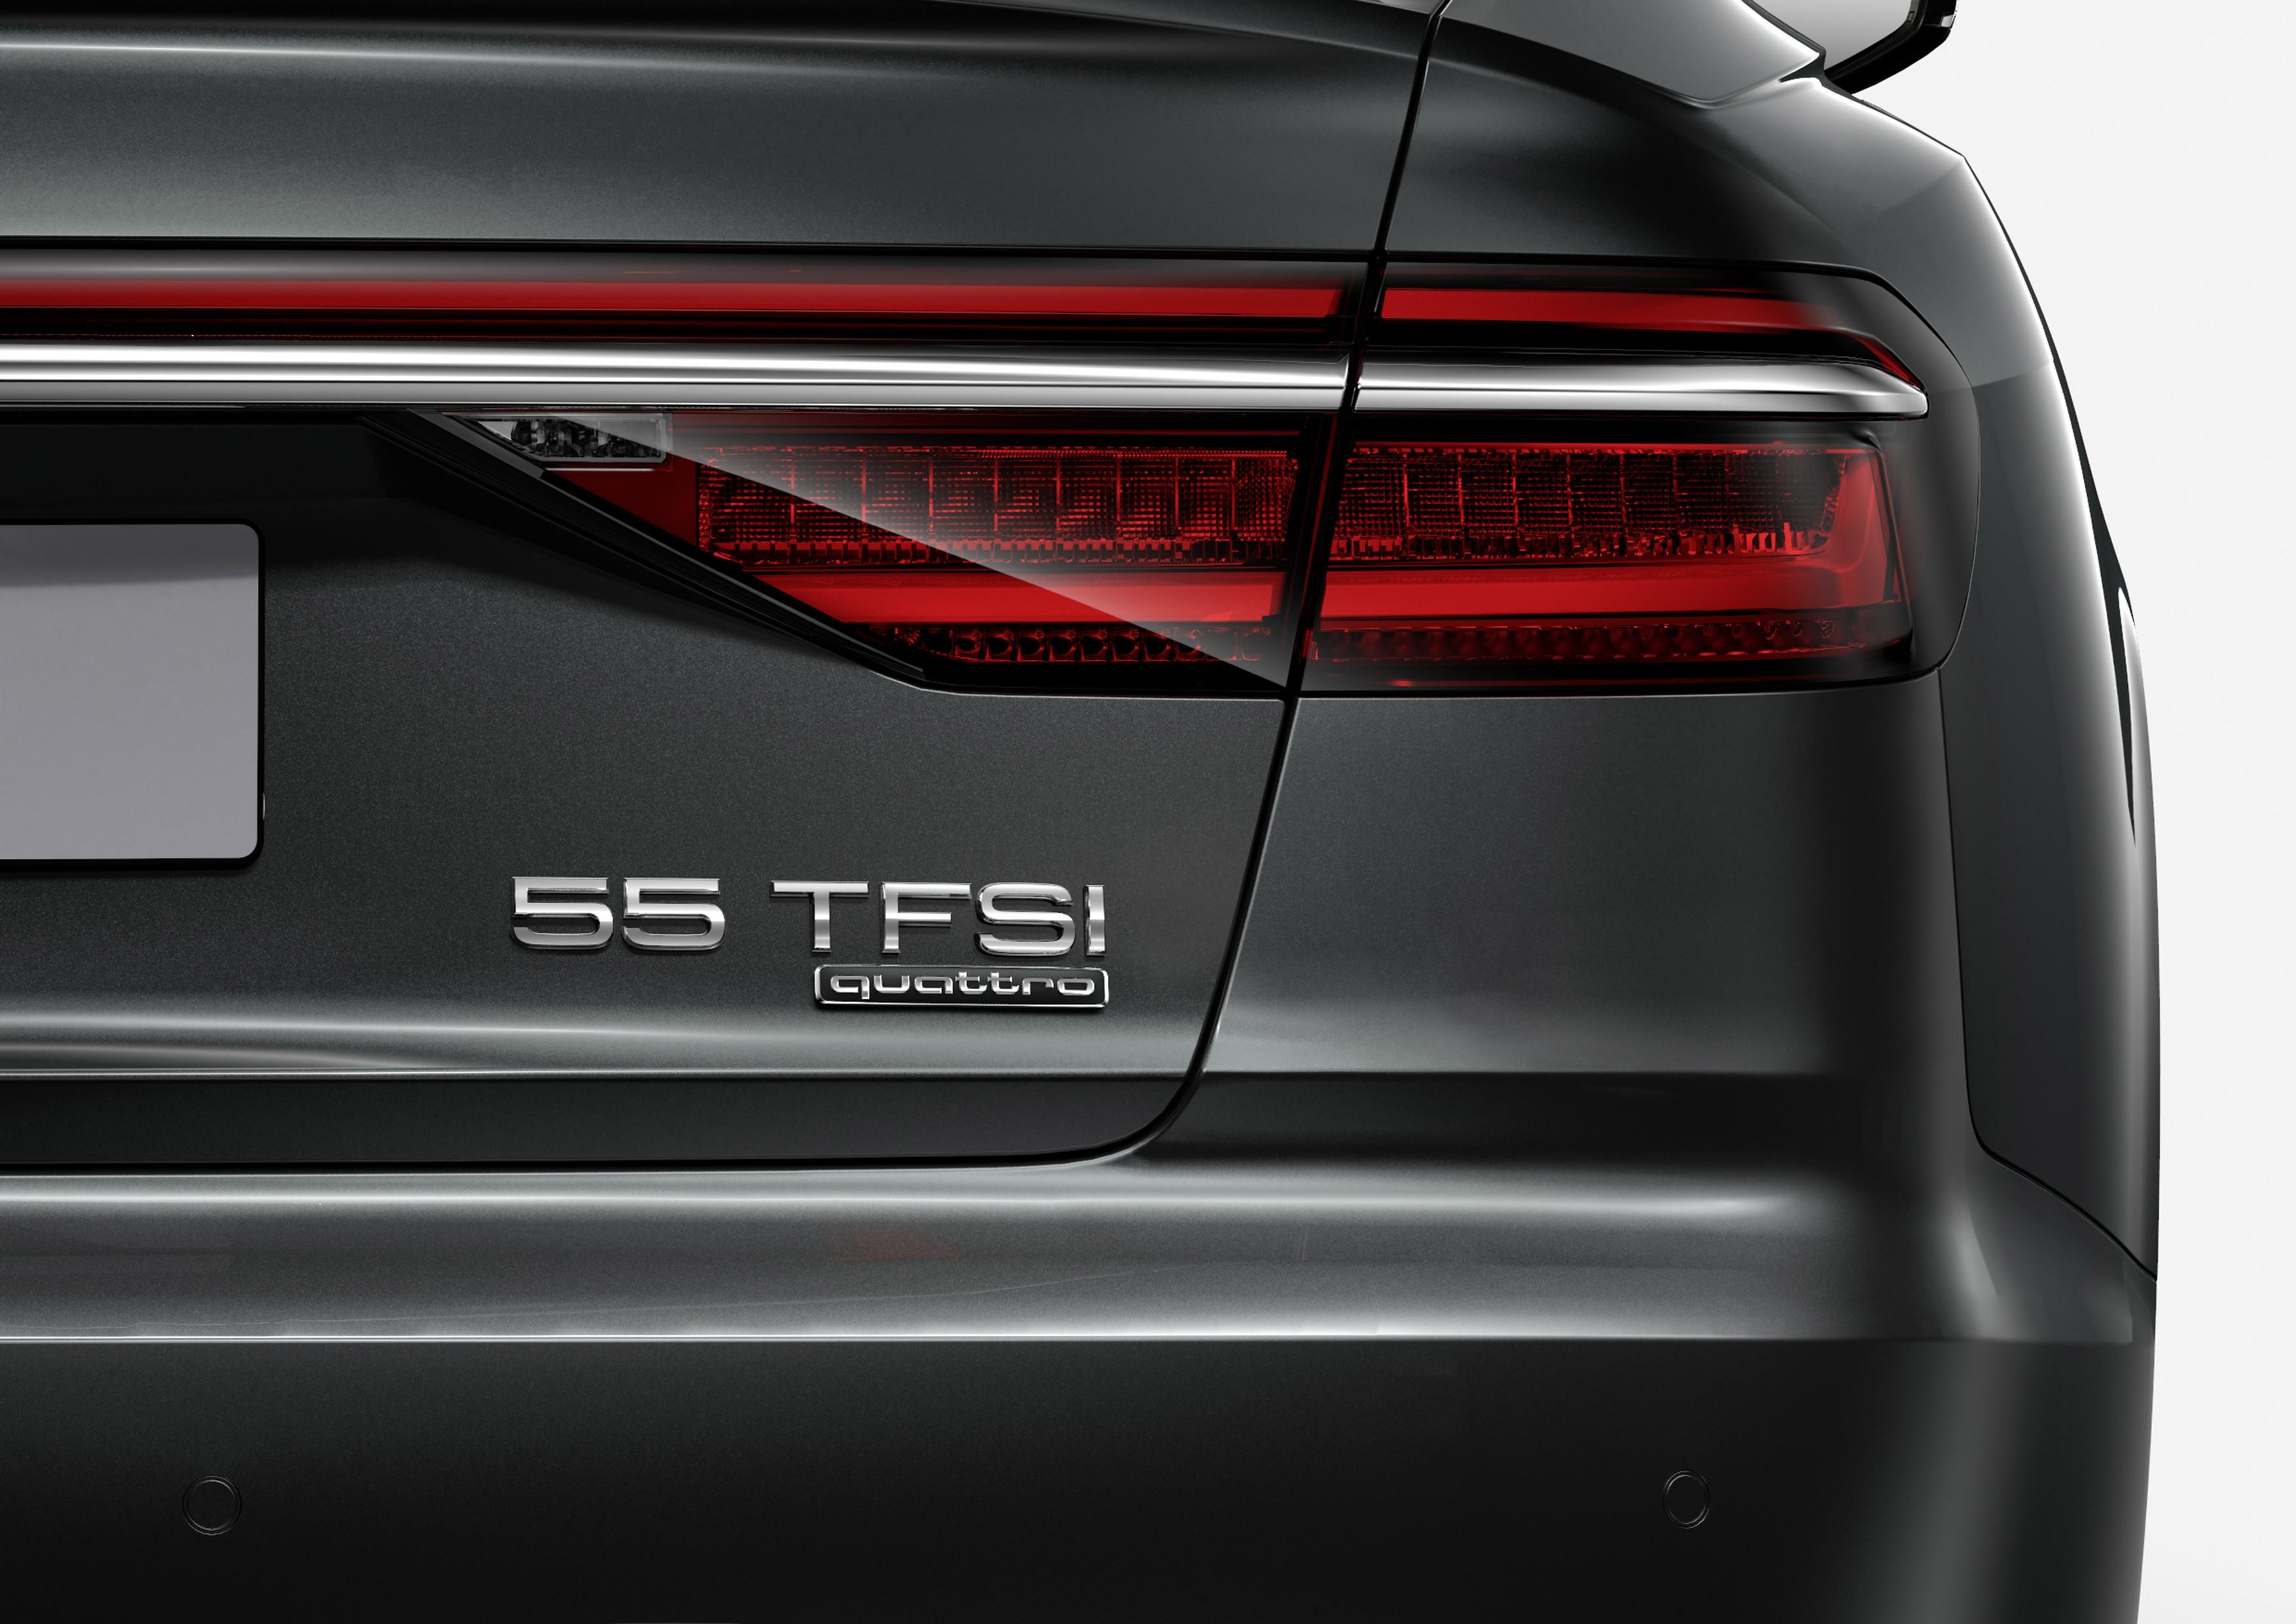 Changement de dénomination pour les cylindrées — Audi